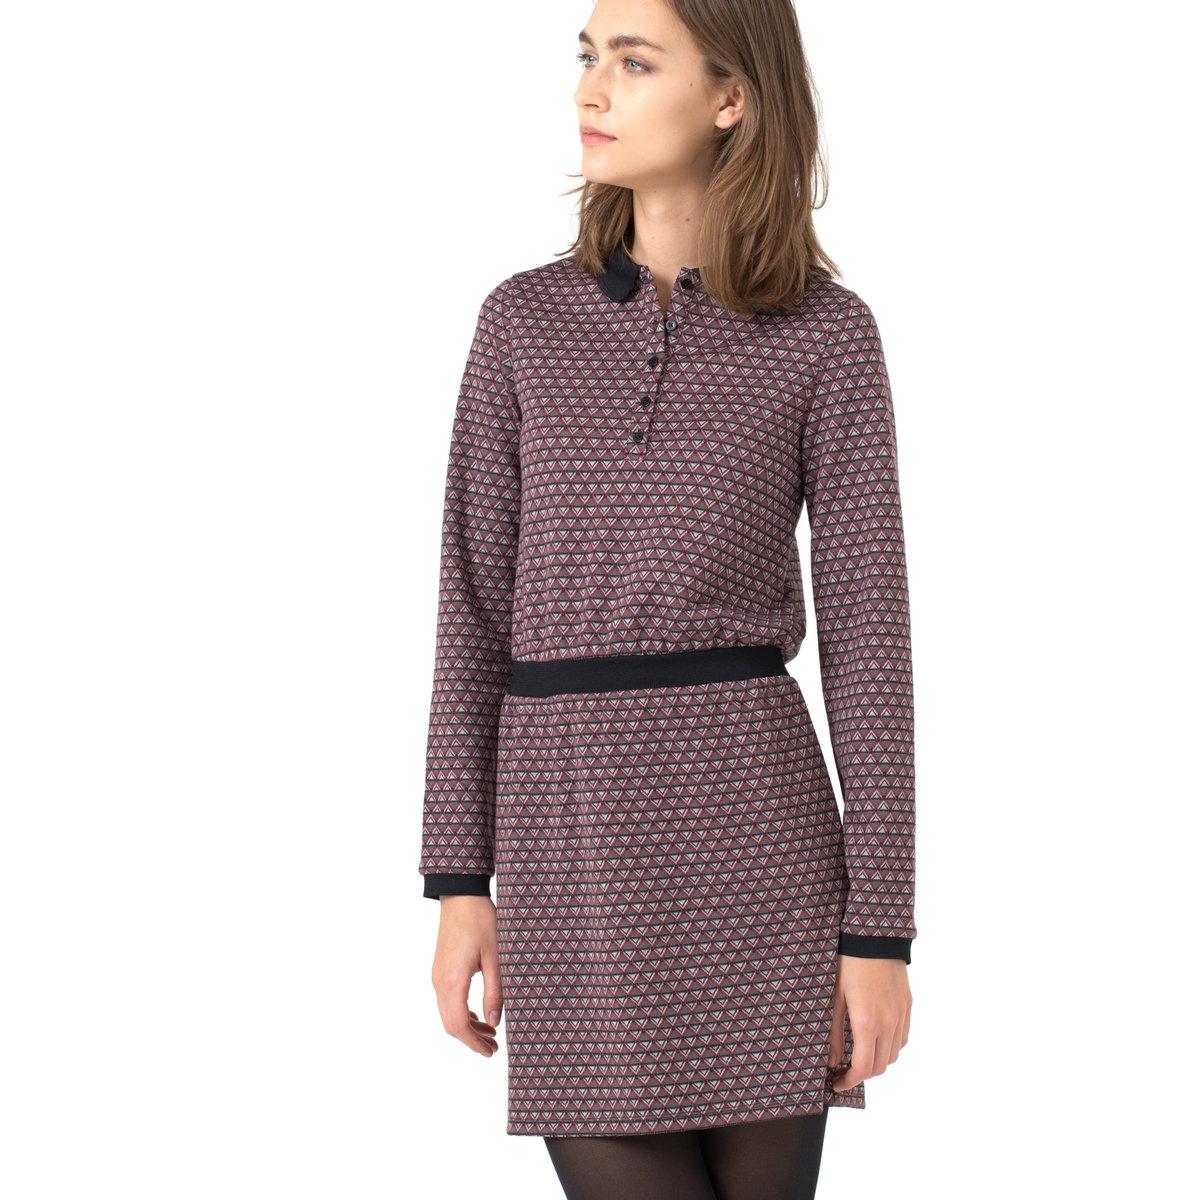 Платье из жаккардового трикотажа с воротником-полоПлатье, 97% полиэстера, 3% эластана.<br><br>Цвет: жакард<br>Размер: 42/44 (FR) - 48/50 (RUS).38/40 (FR) - 44/46 (RUS)